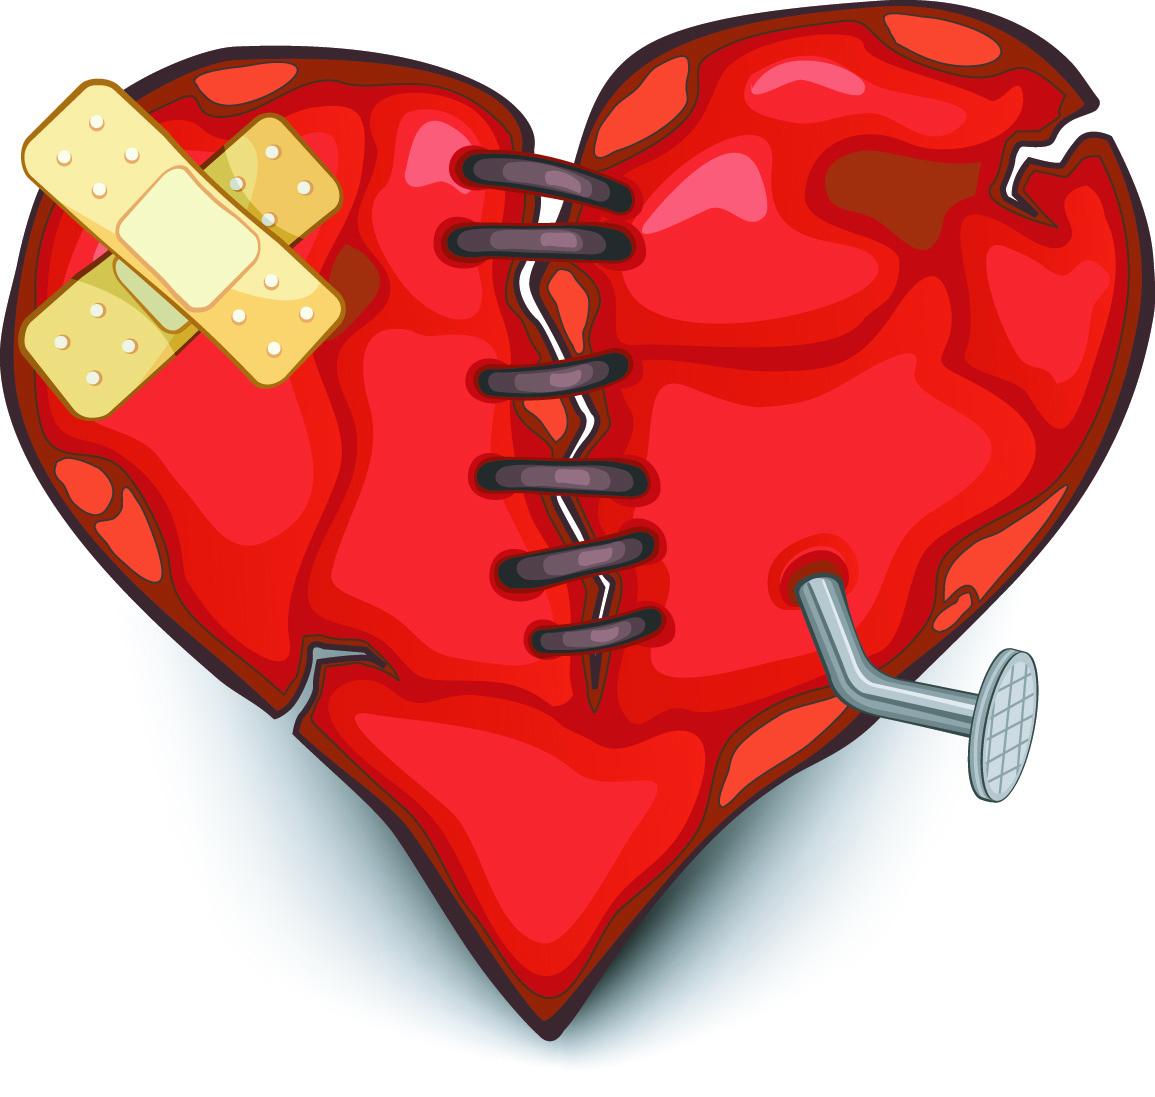 Healing clipart broken heart Broken Negative Healing  Heart?